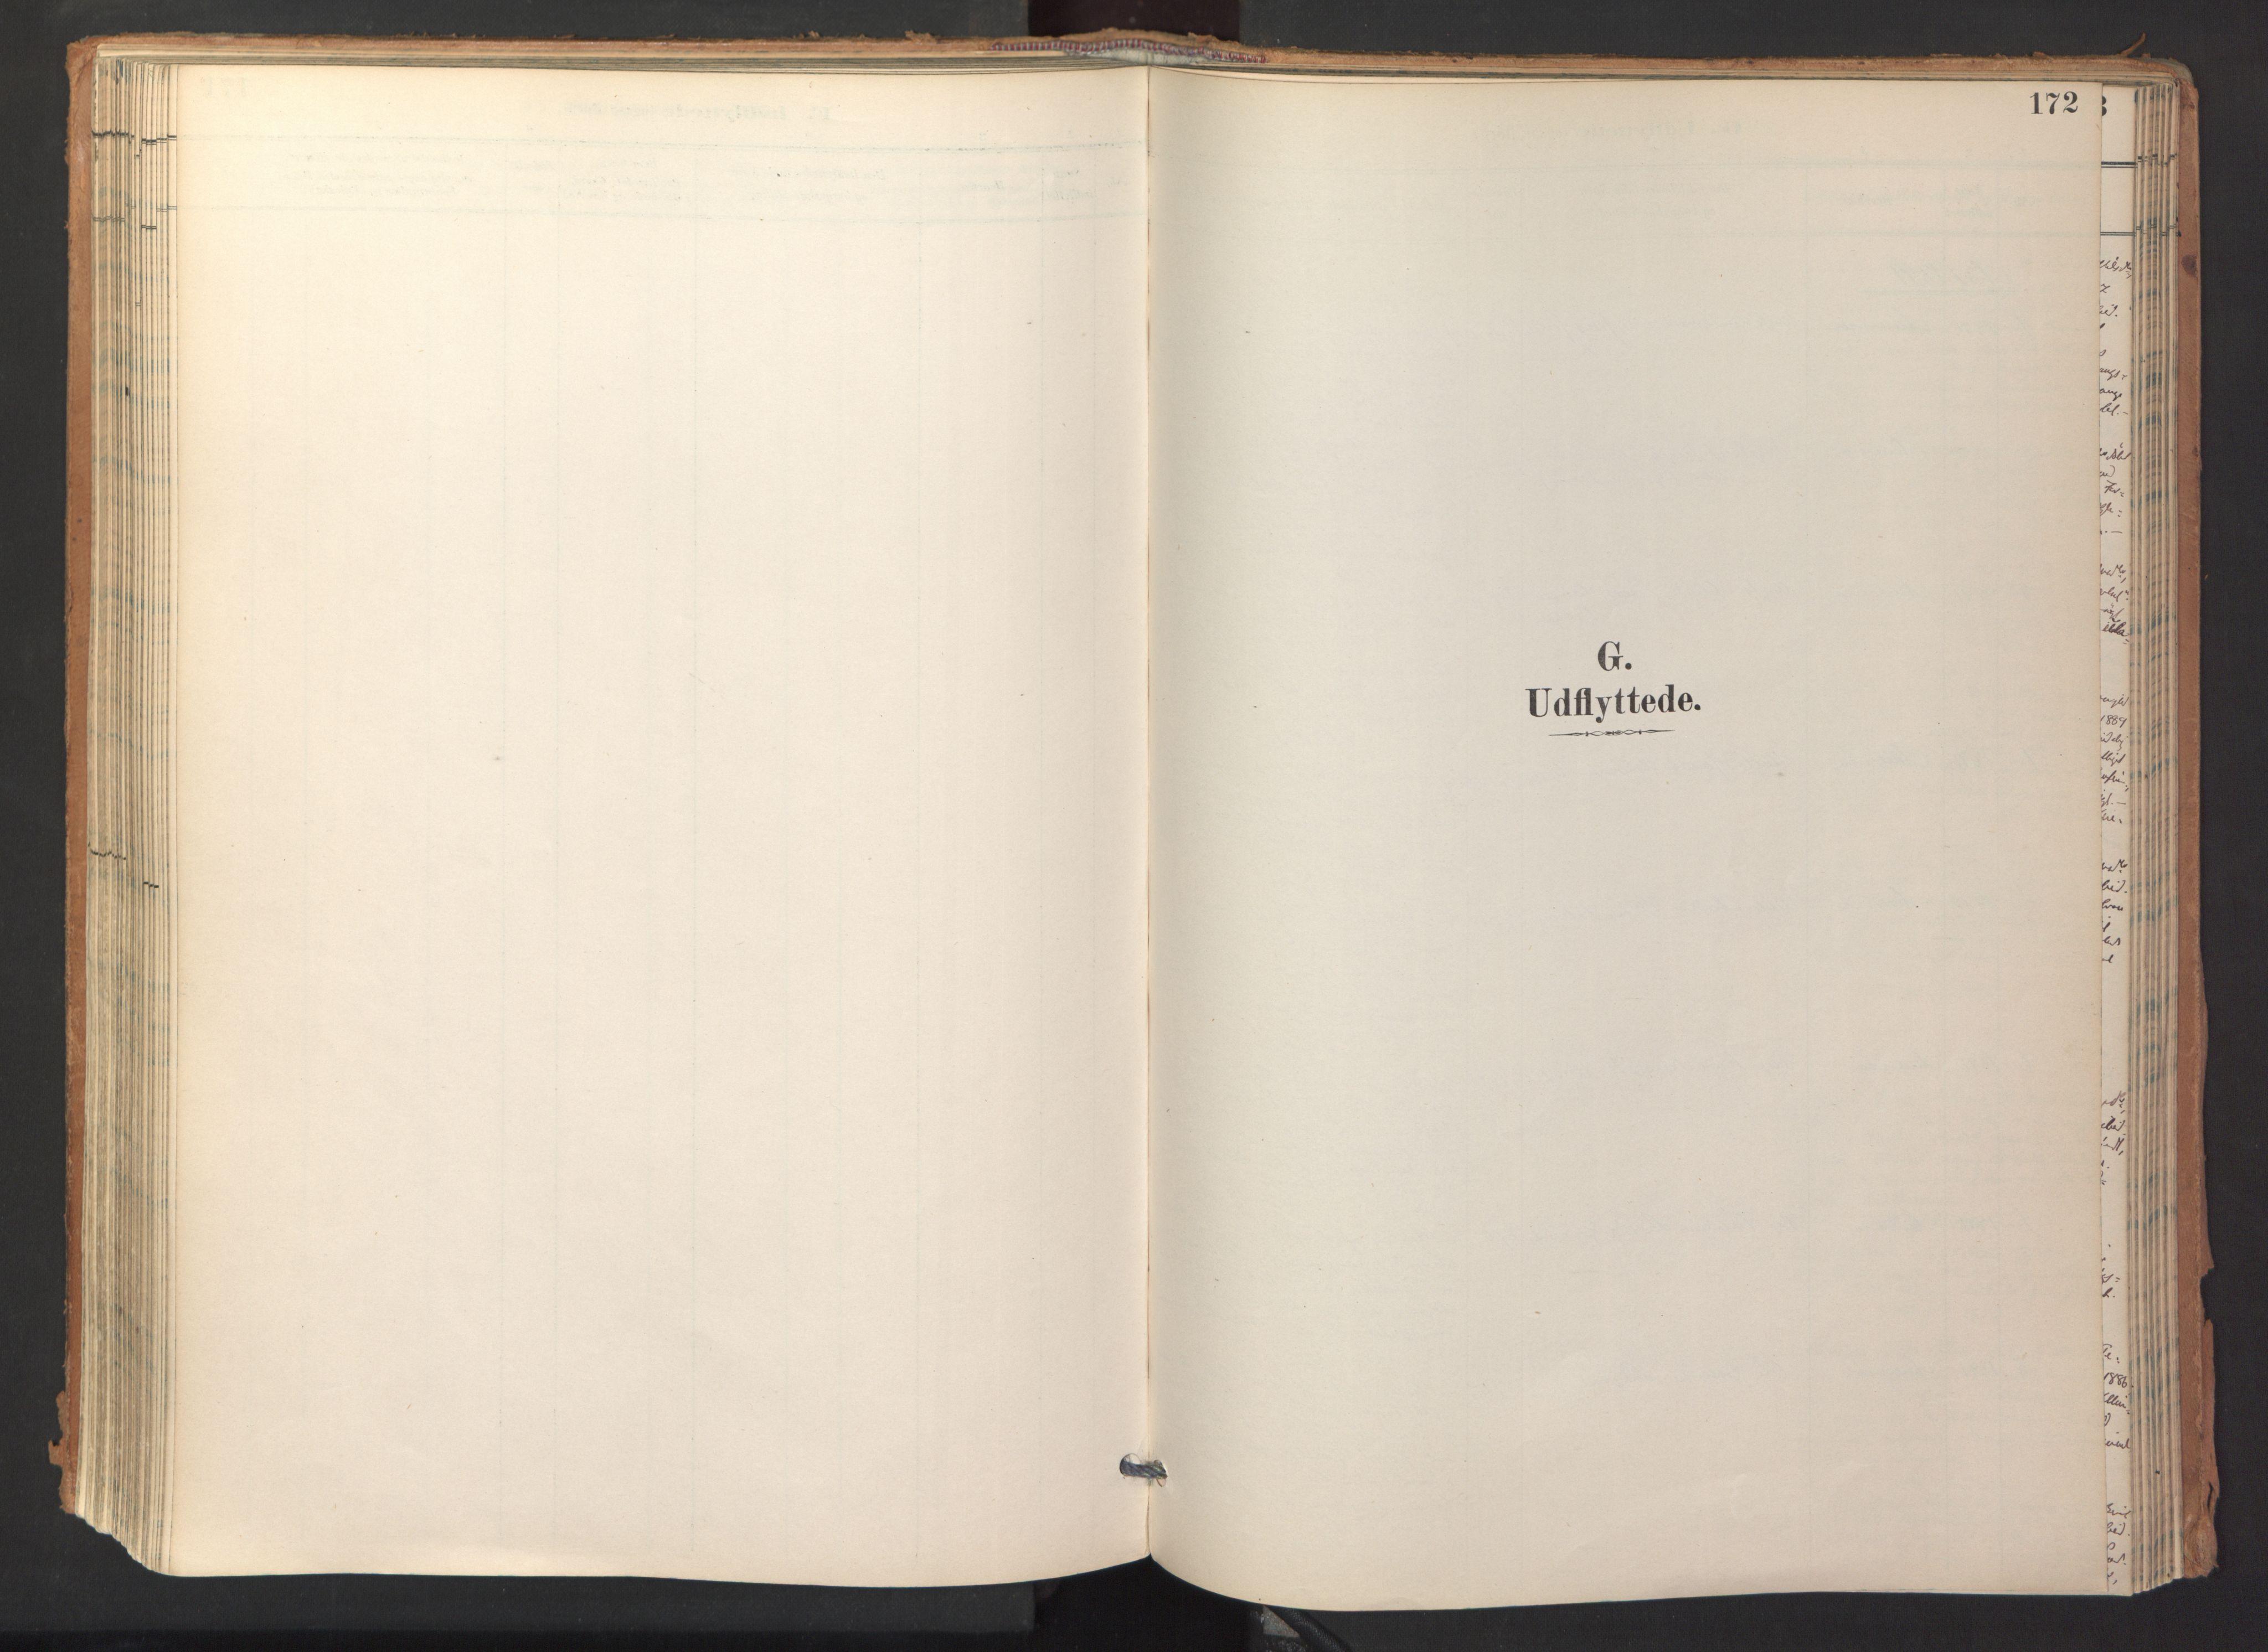 SAT, Ministerialprotokoller, klokkerbøker og fødselsregistre - Sør-Trøndelag, 688/L1025: Ministerialbok nr. 688A02, 1891-1909, s. 172